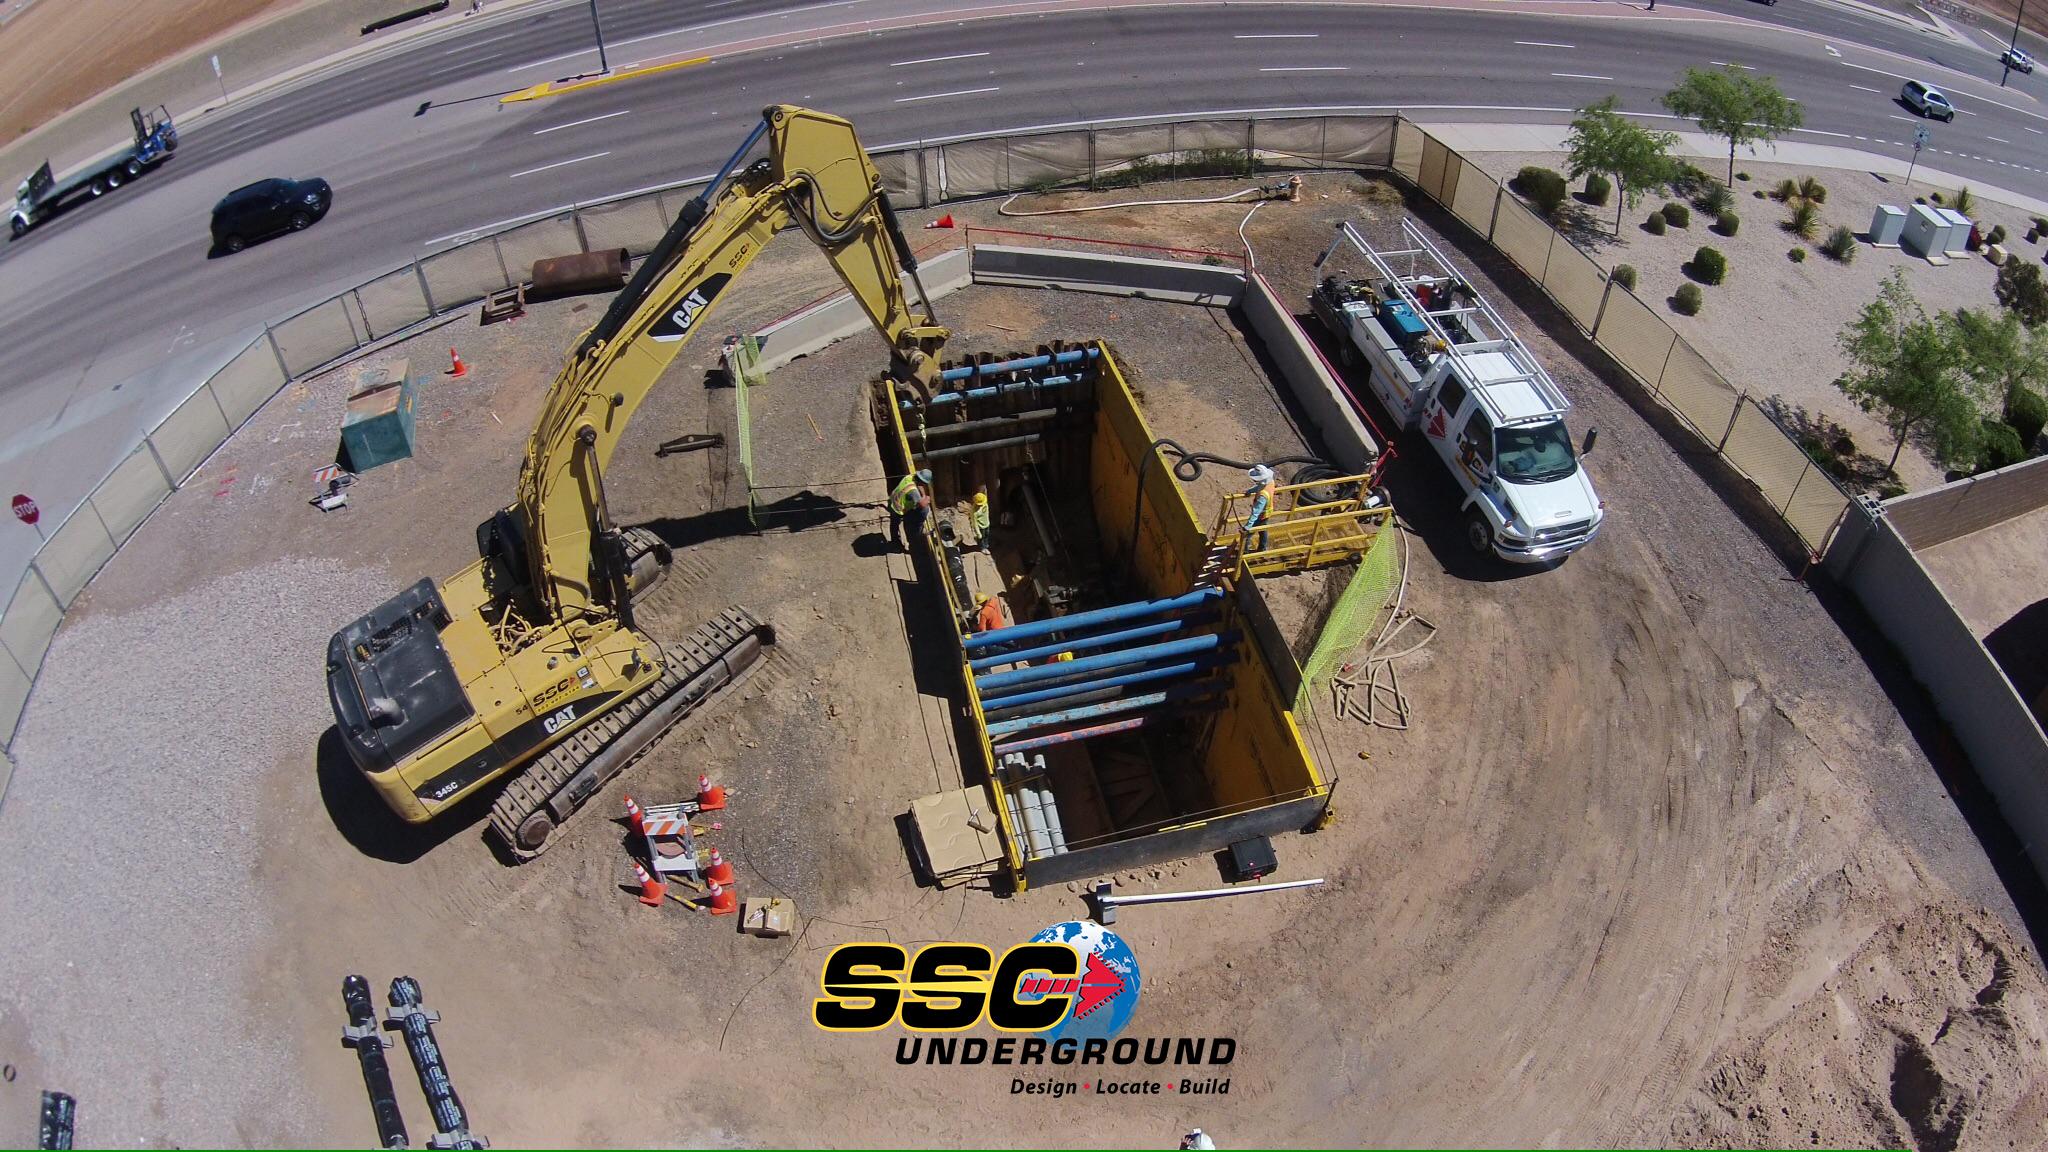 SSC Underground